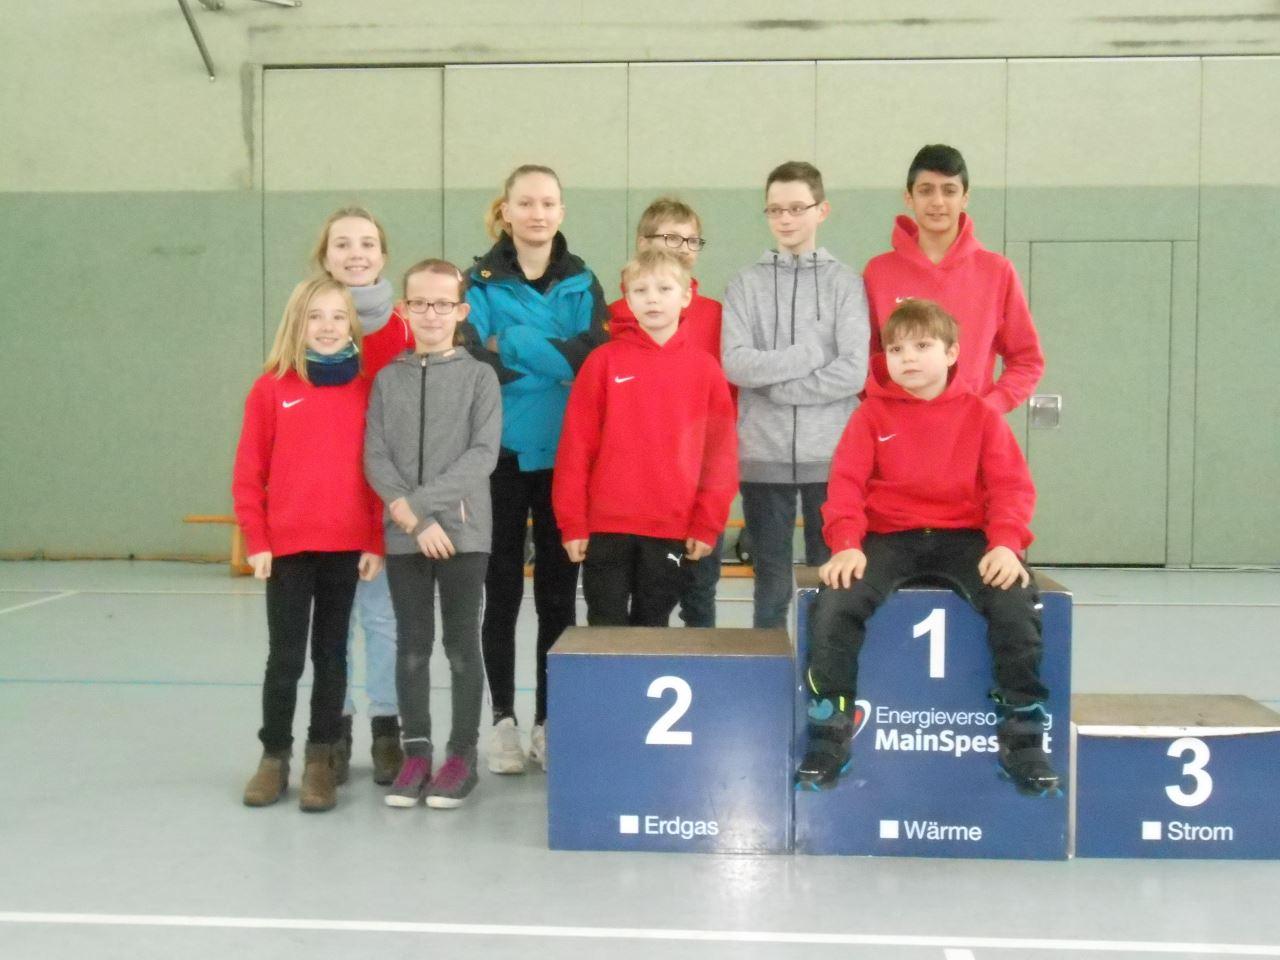 TV Schweinheim Leichtathletik biem Cross-Cup Bayerischer Untermain 2018